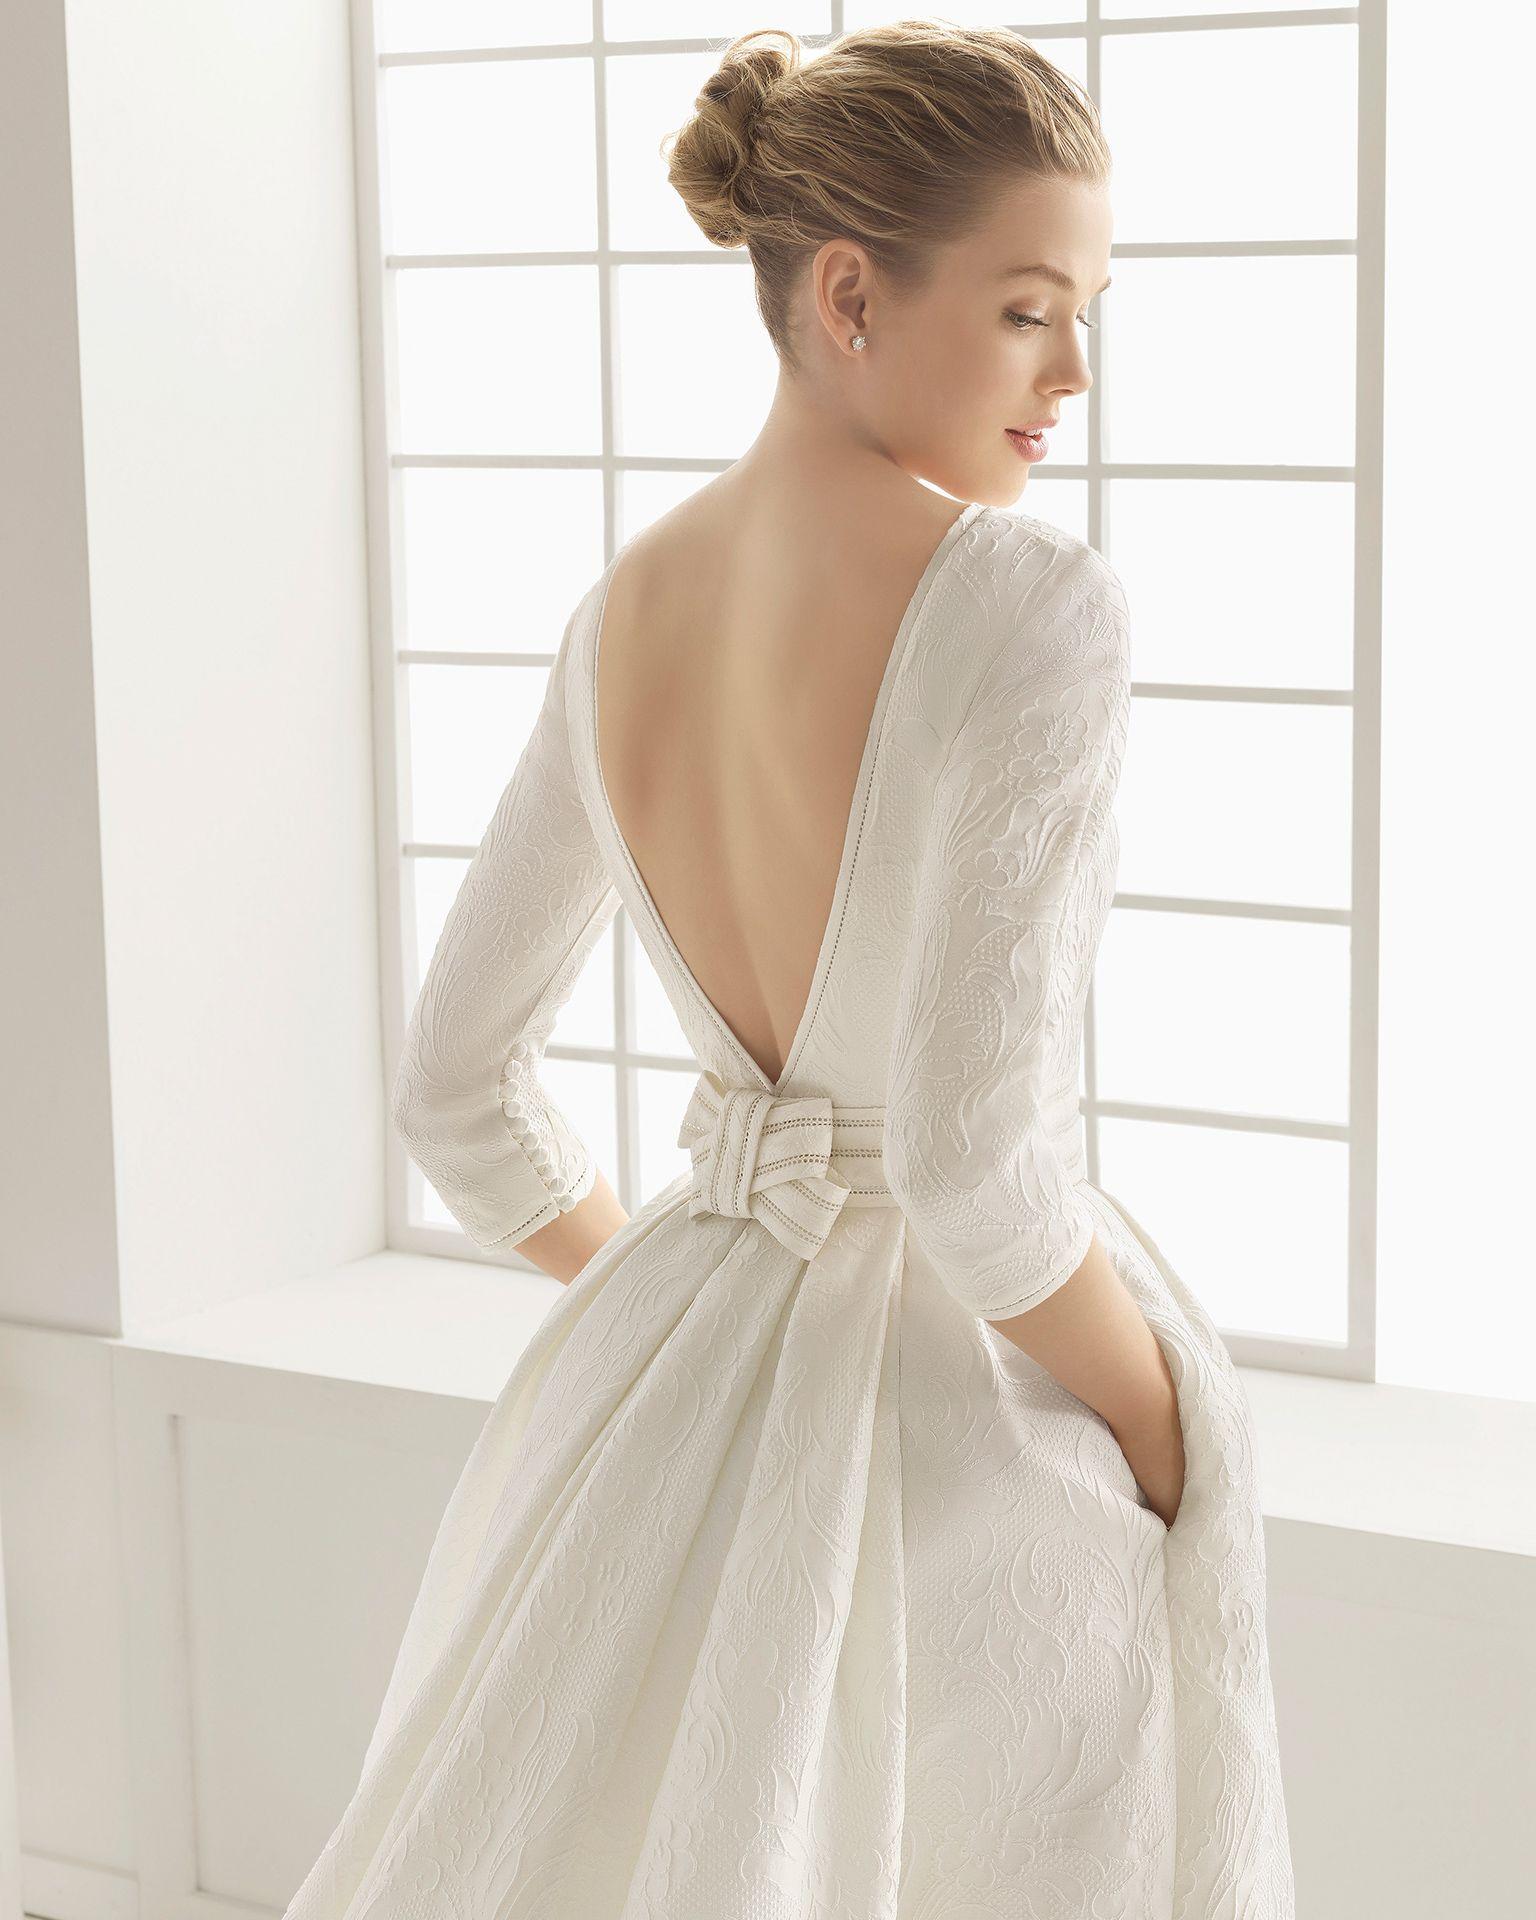 Maternity wedding dress with sleeves  Vestidos de novia y vestidos de fiesta  Rosa clara Backless gown